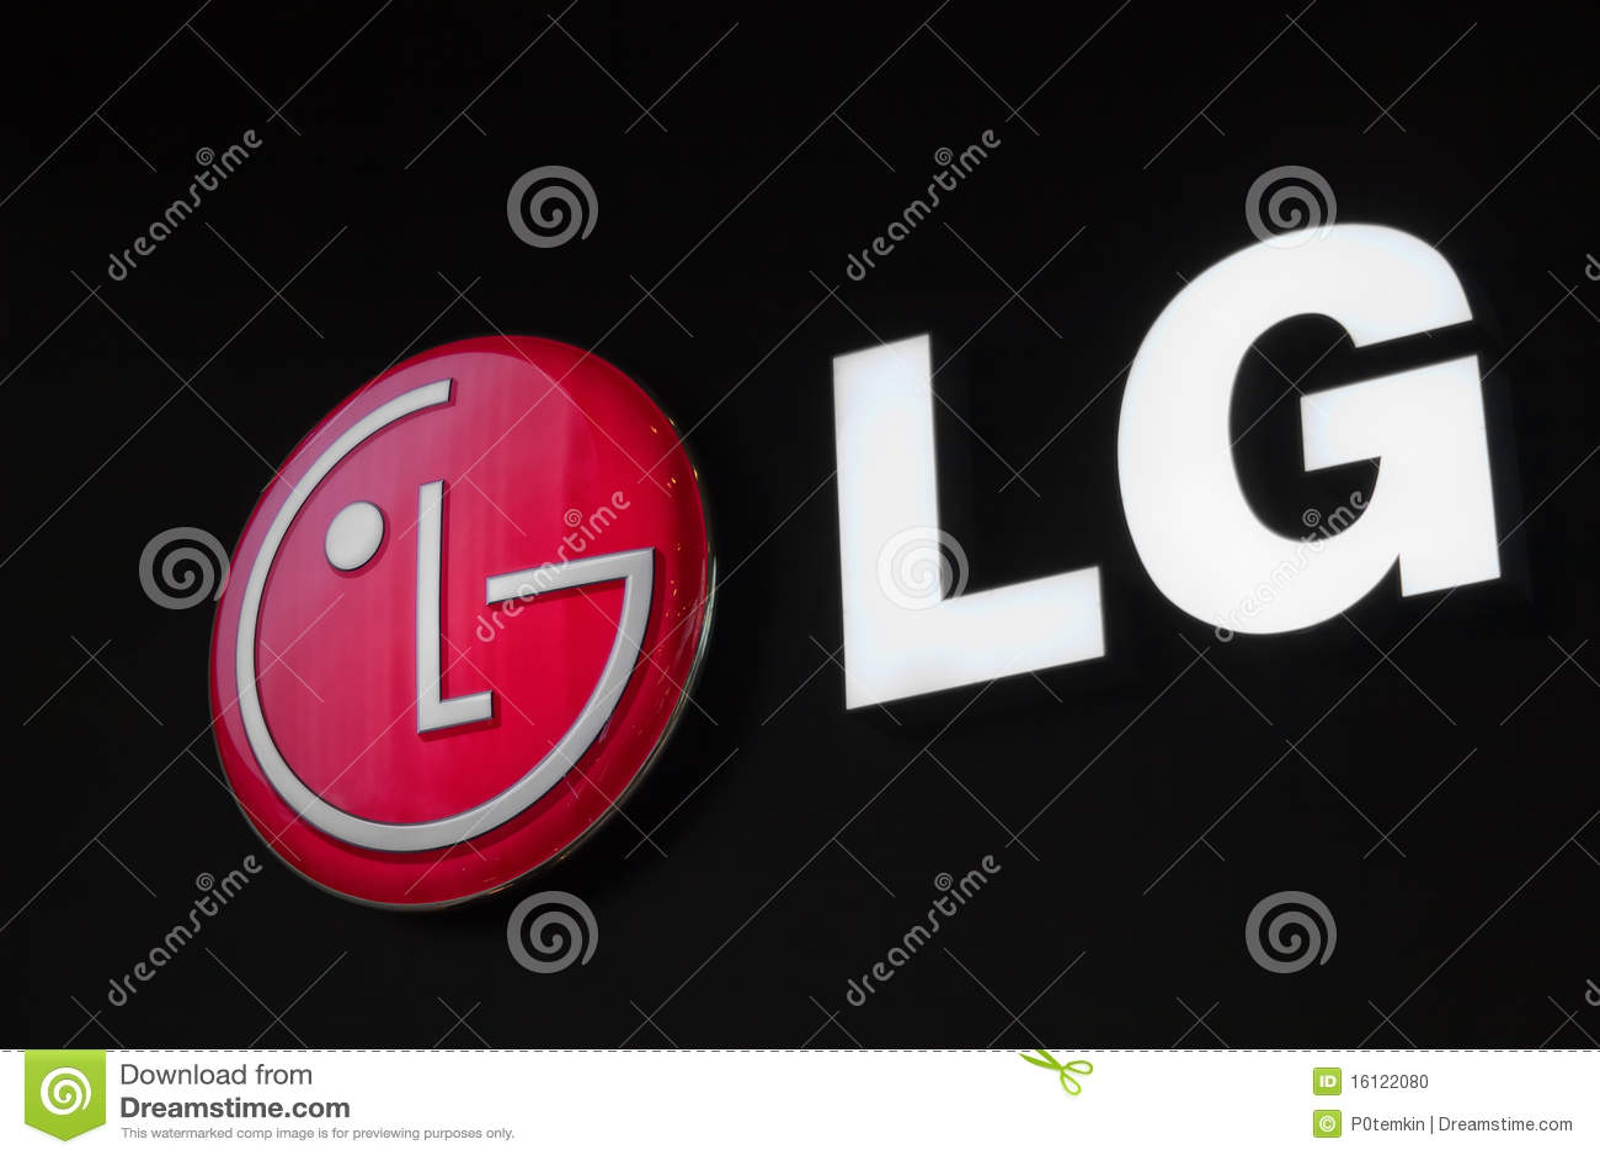 LG Showcase Logo